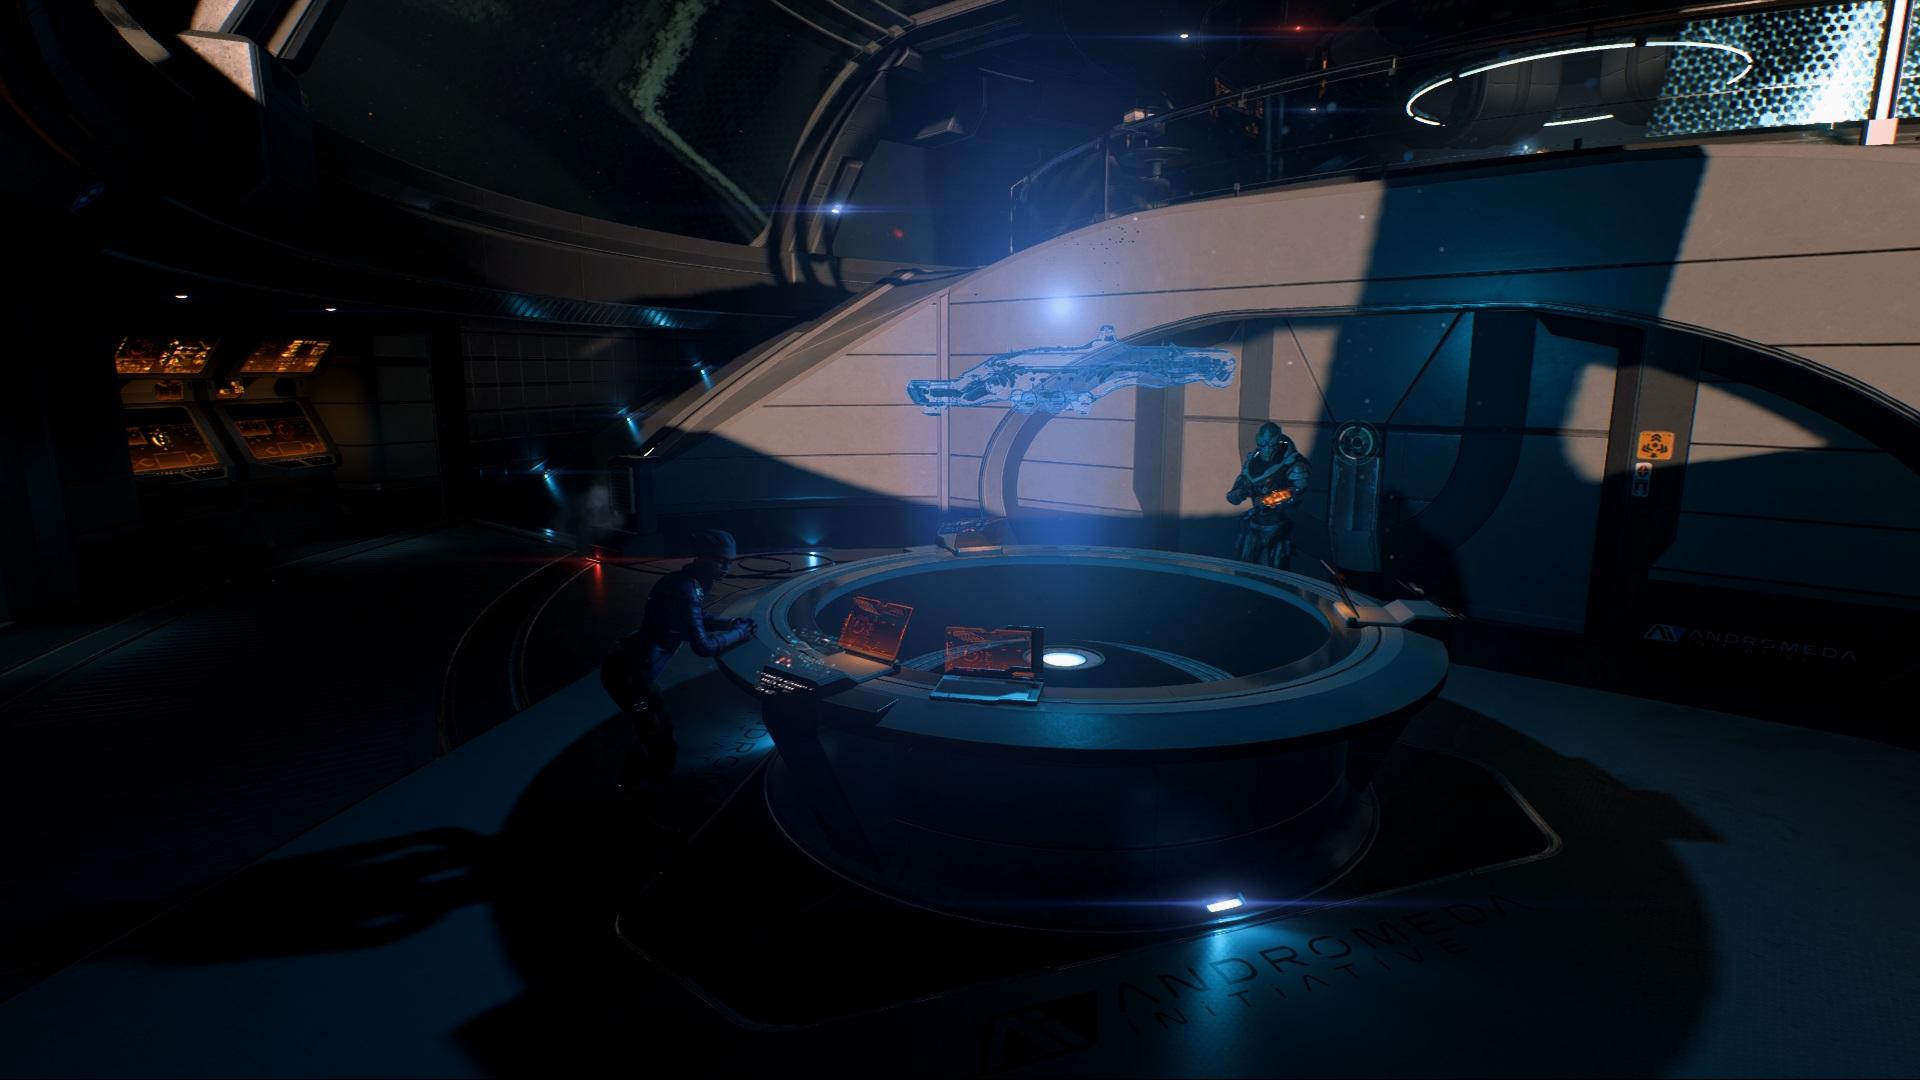 Je Mass Effect: Andromeda špatná hra? 13128